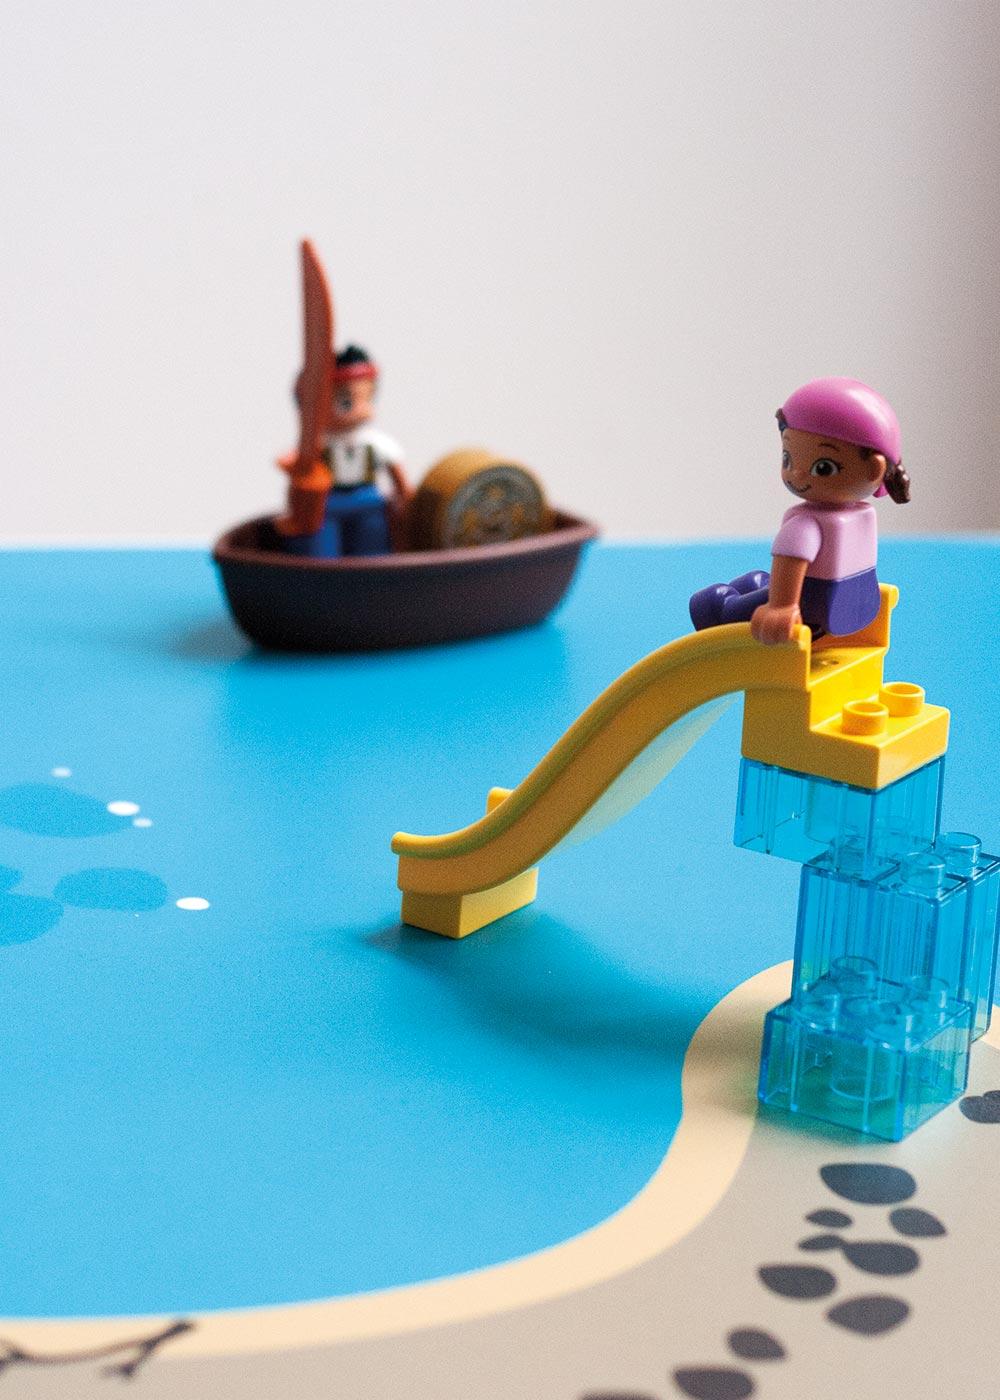 Ikea Lätt Kindertisch Wasserreich Teilansicht Rutsche